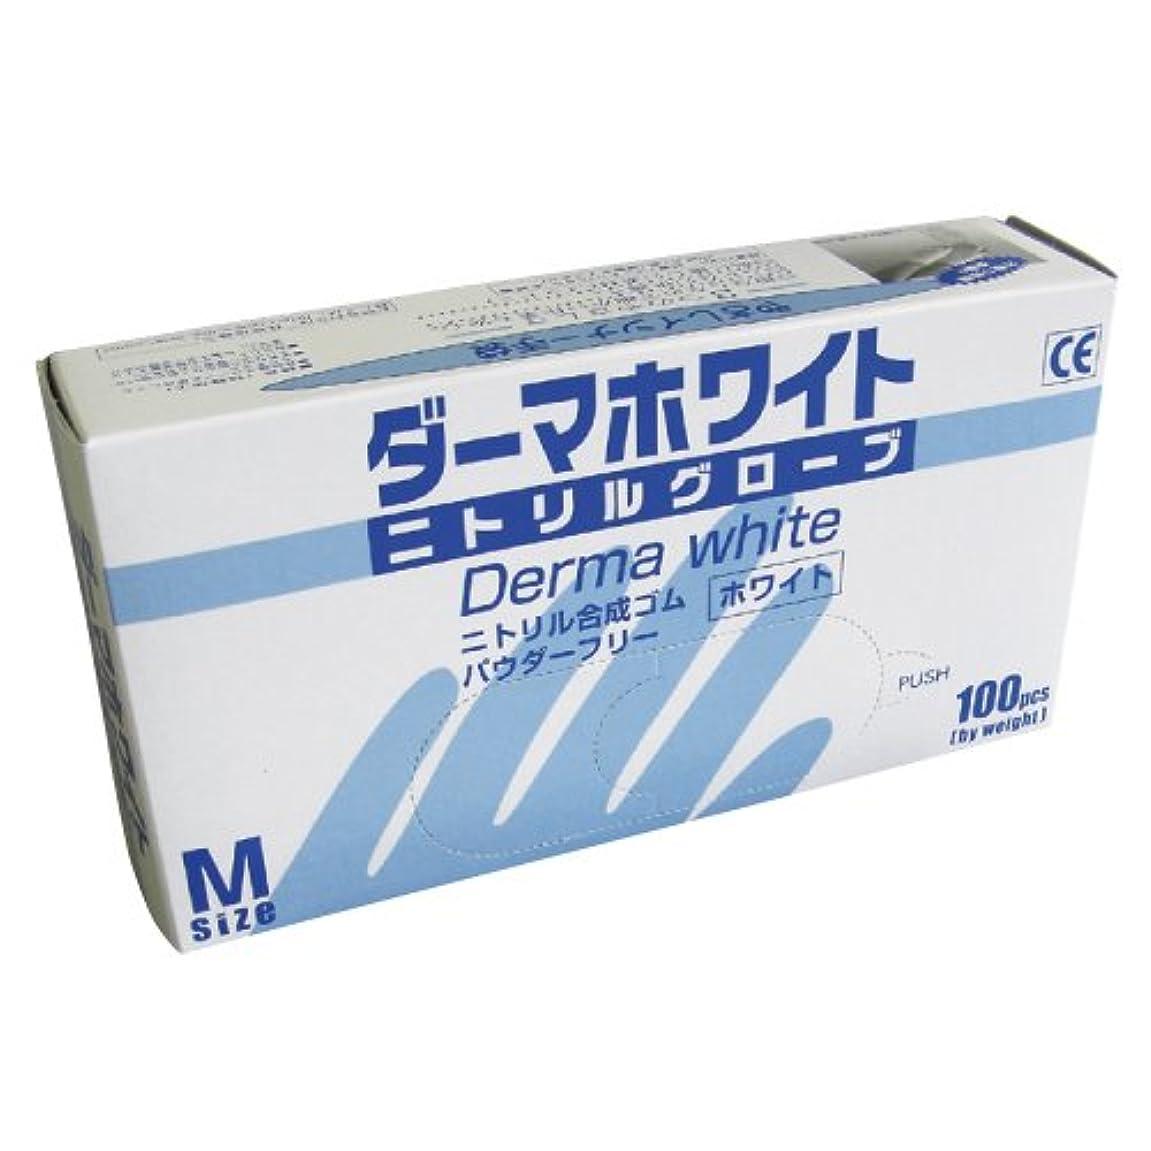 否定する皮肥料ダーマホワイト ニトリル手袋PF GN01(M)100枚